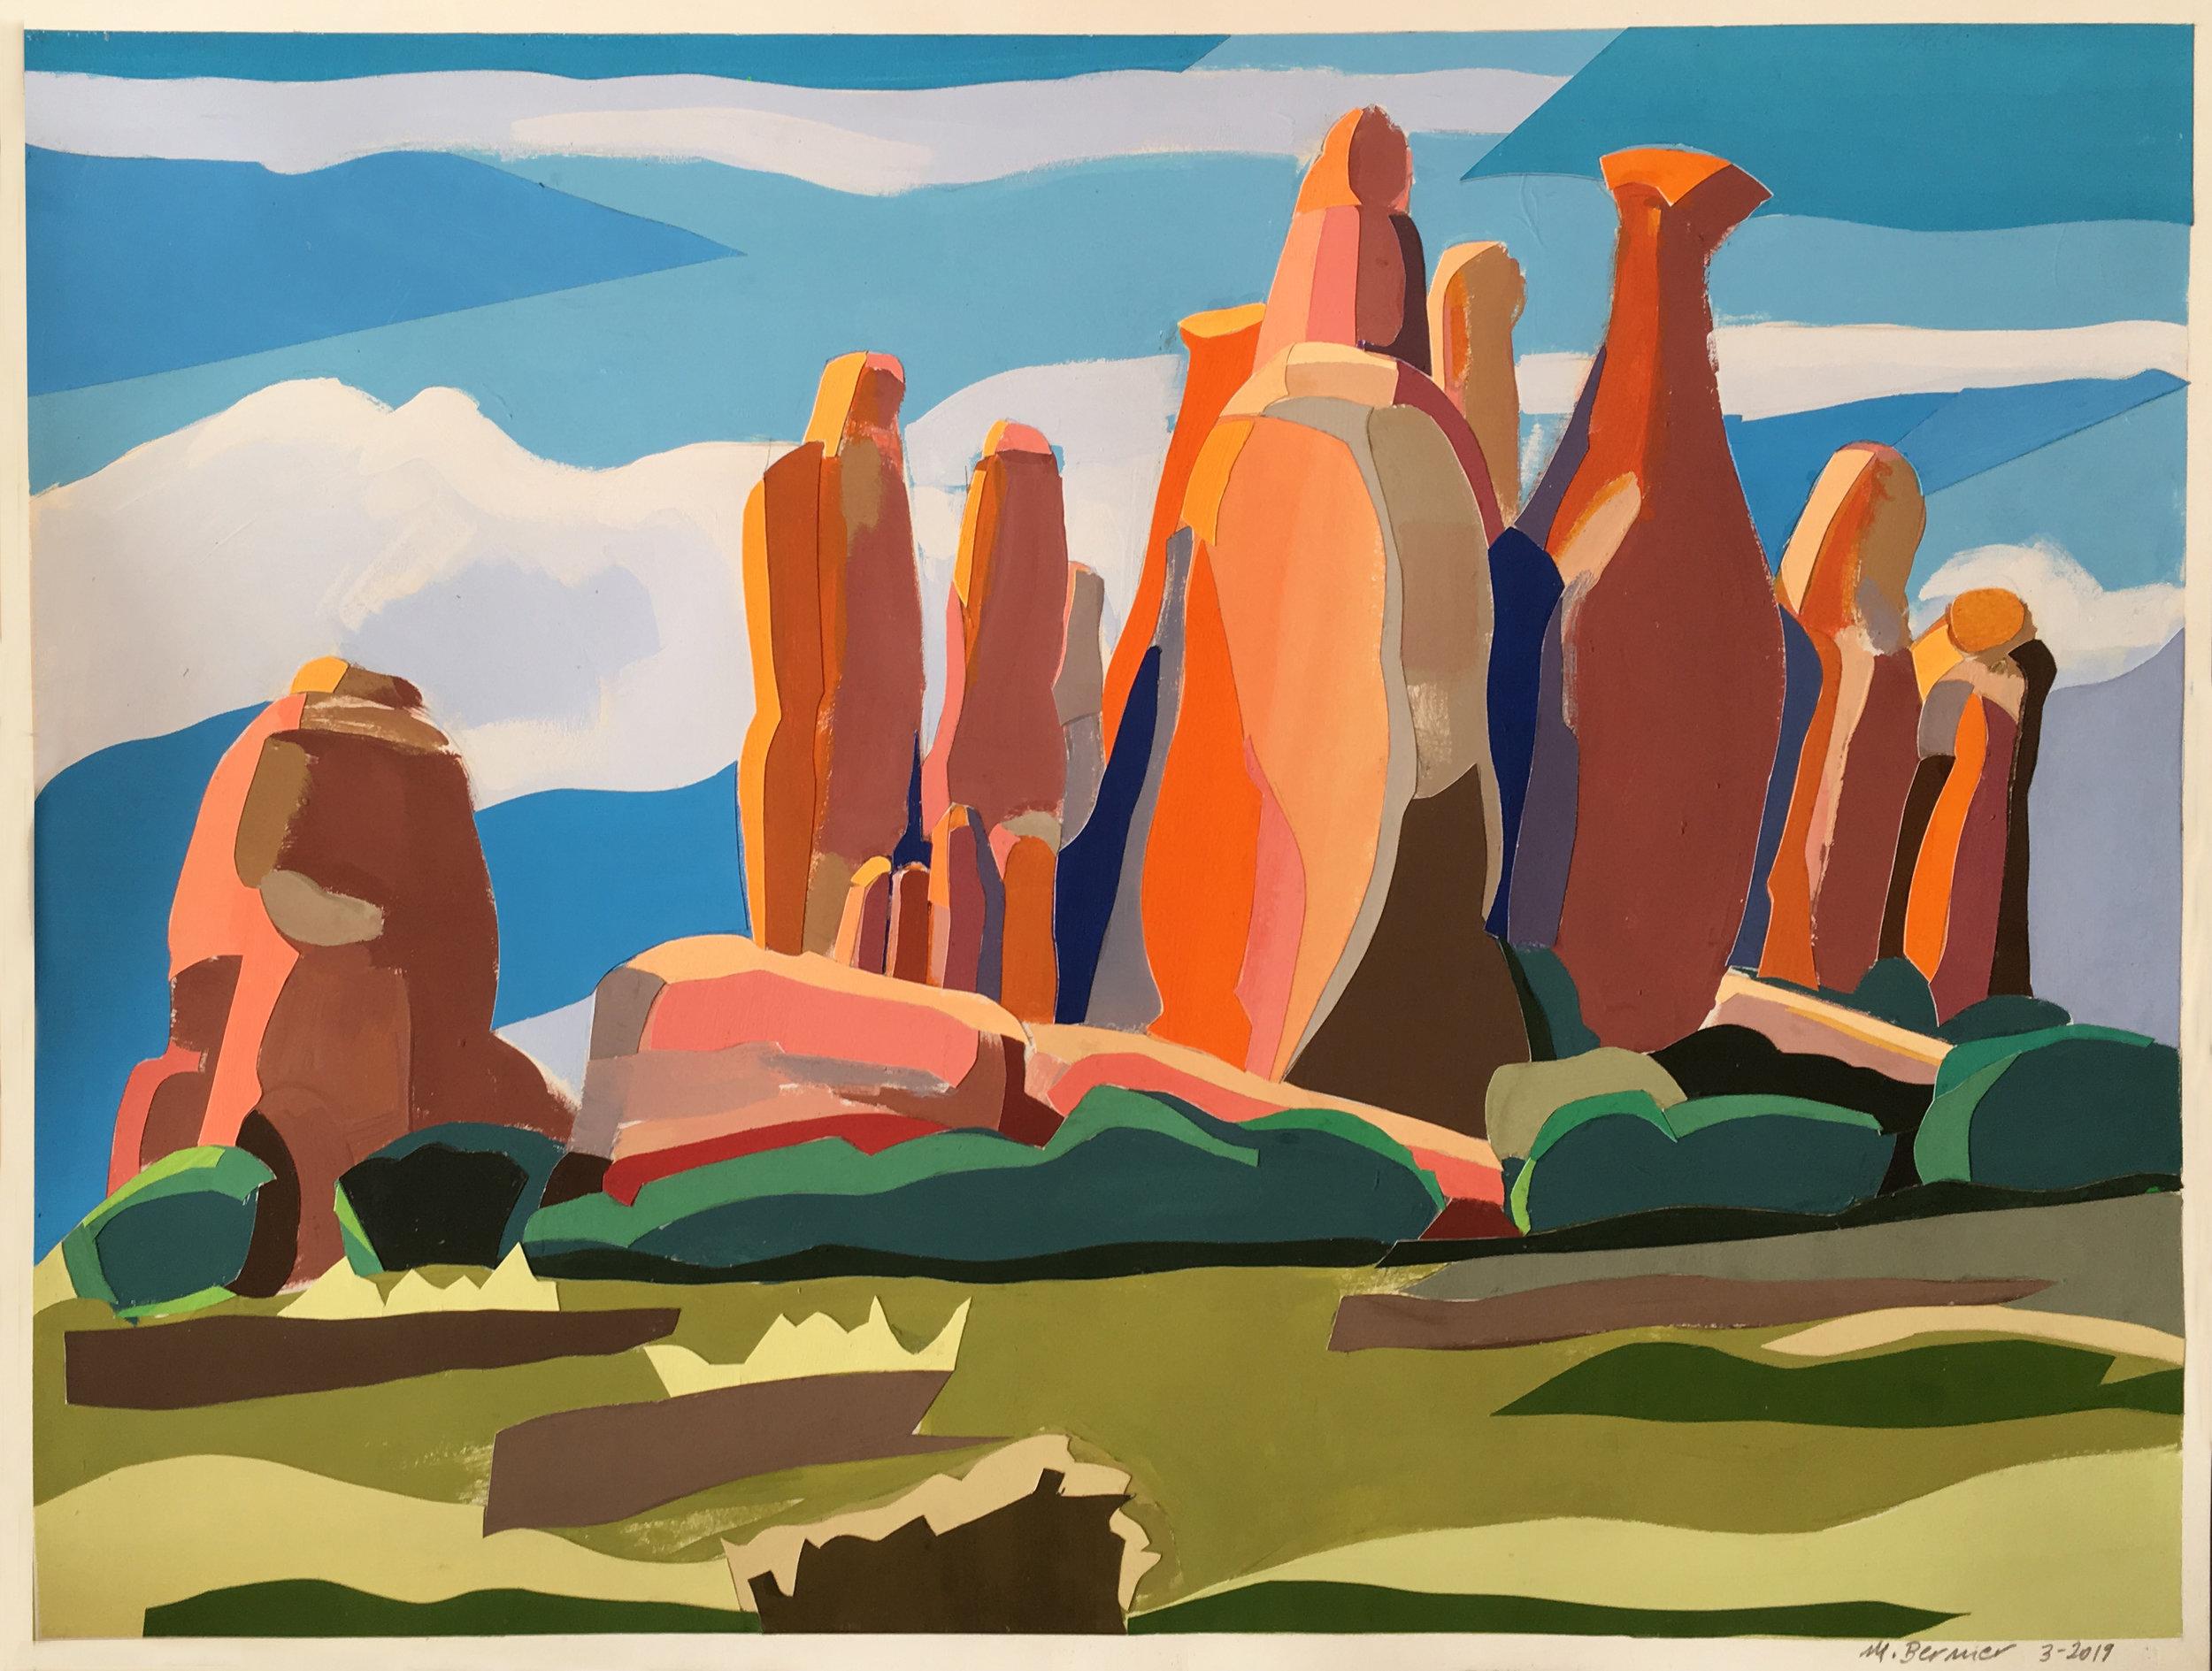 Arches National Park II,  cutout, gouache, 16 x 20 in., 2019